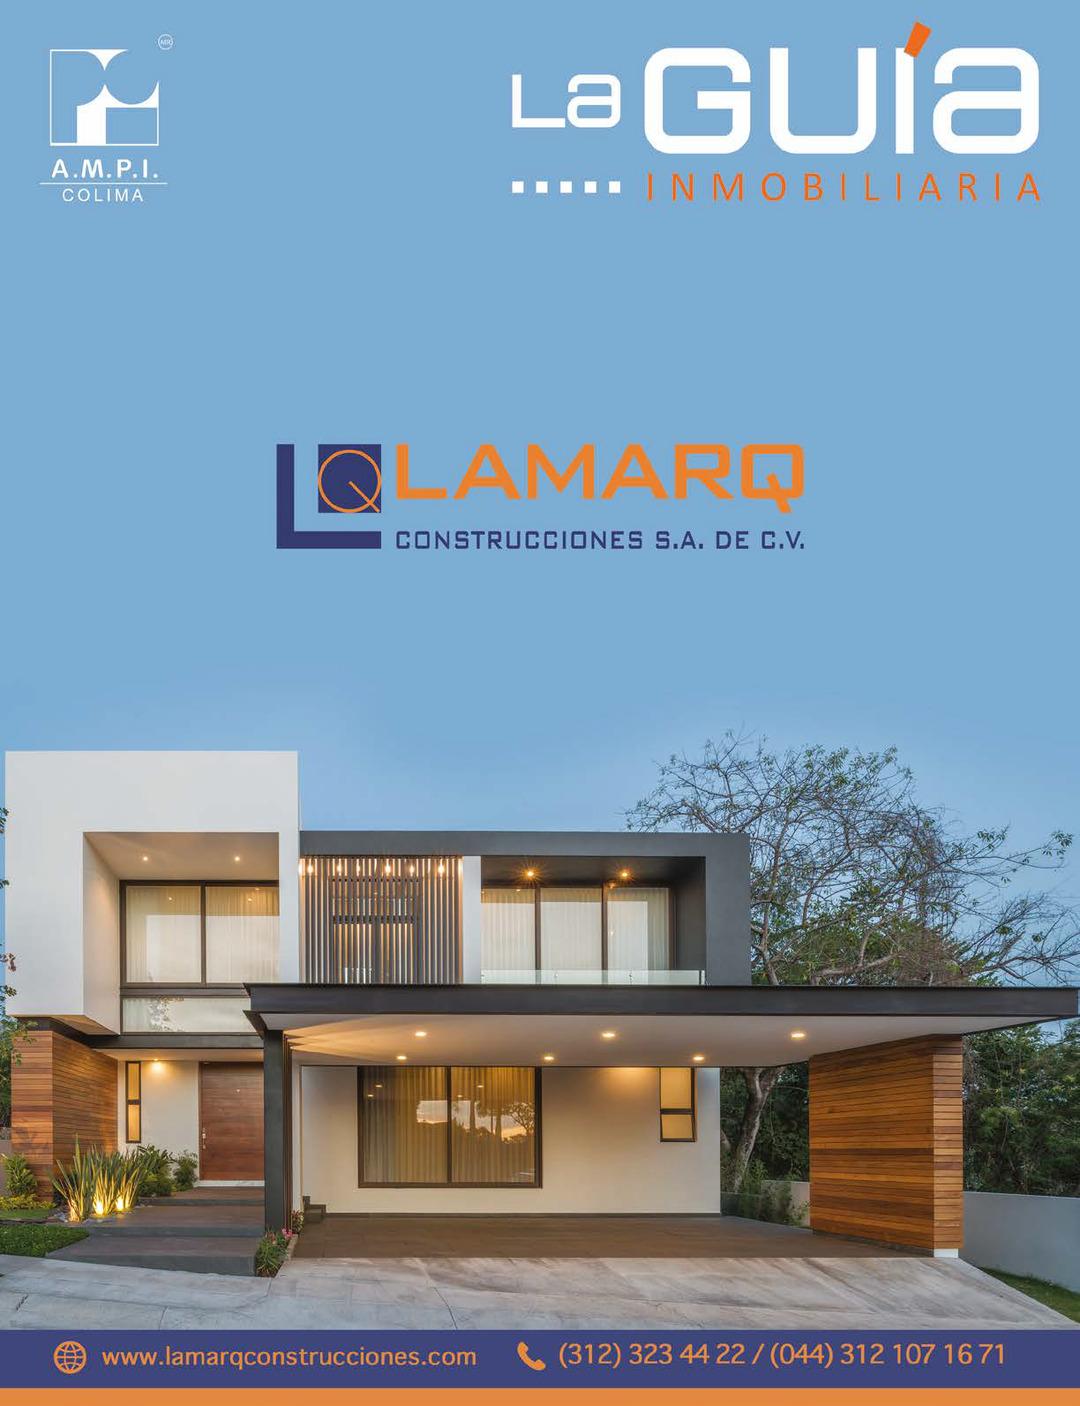 Page 1 of La Guía Inmobiliaria